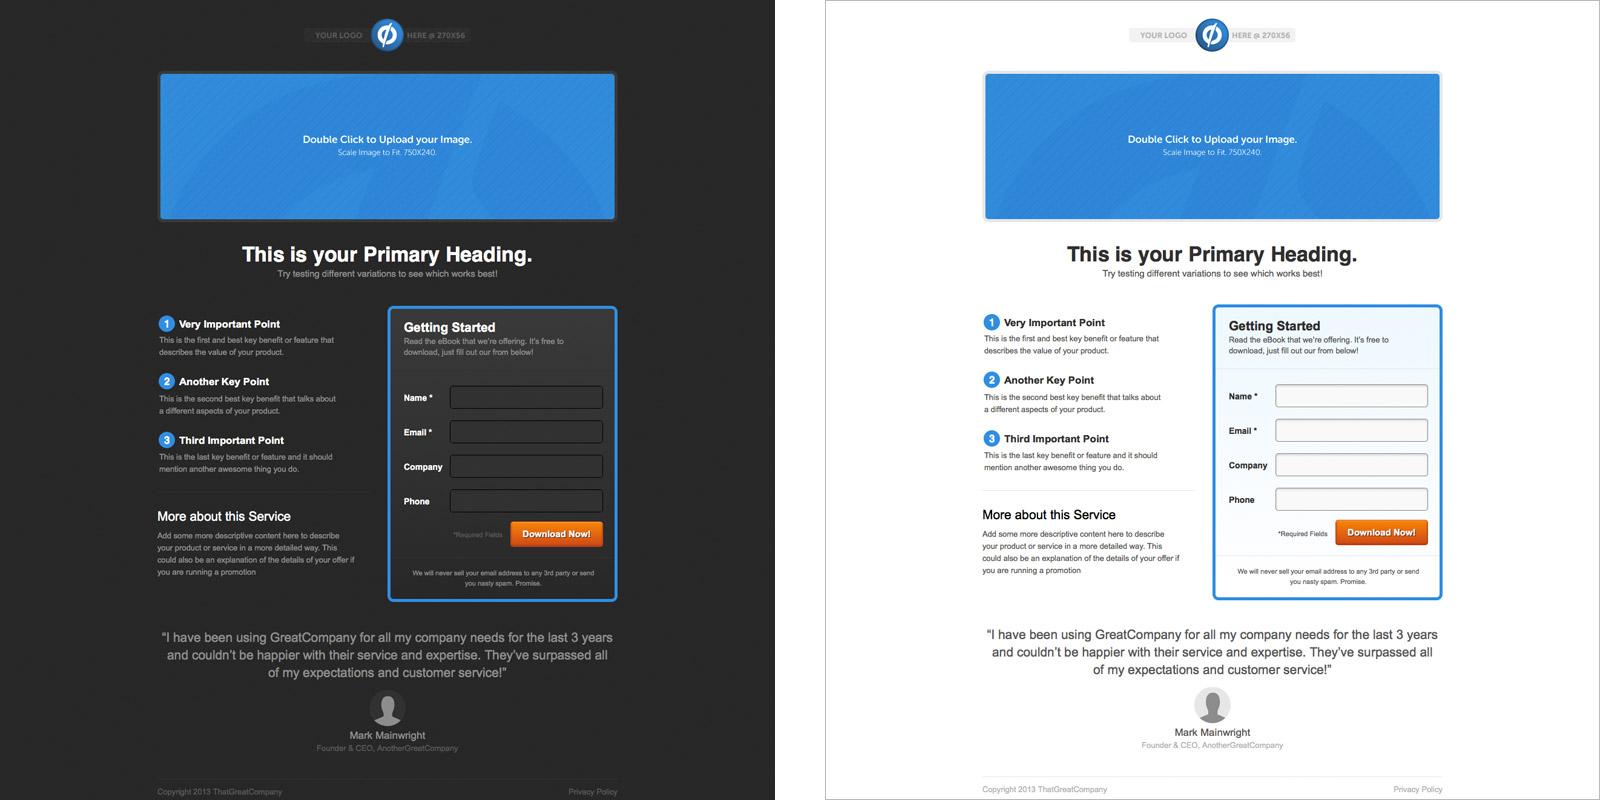 lead generation landing page templates - Khafre